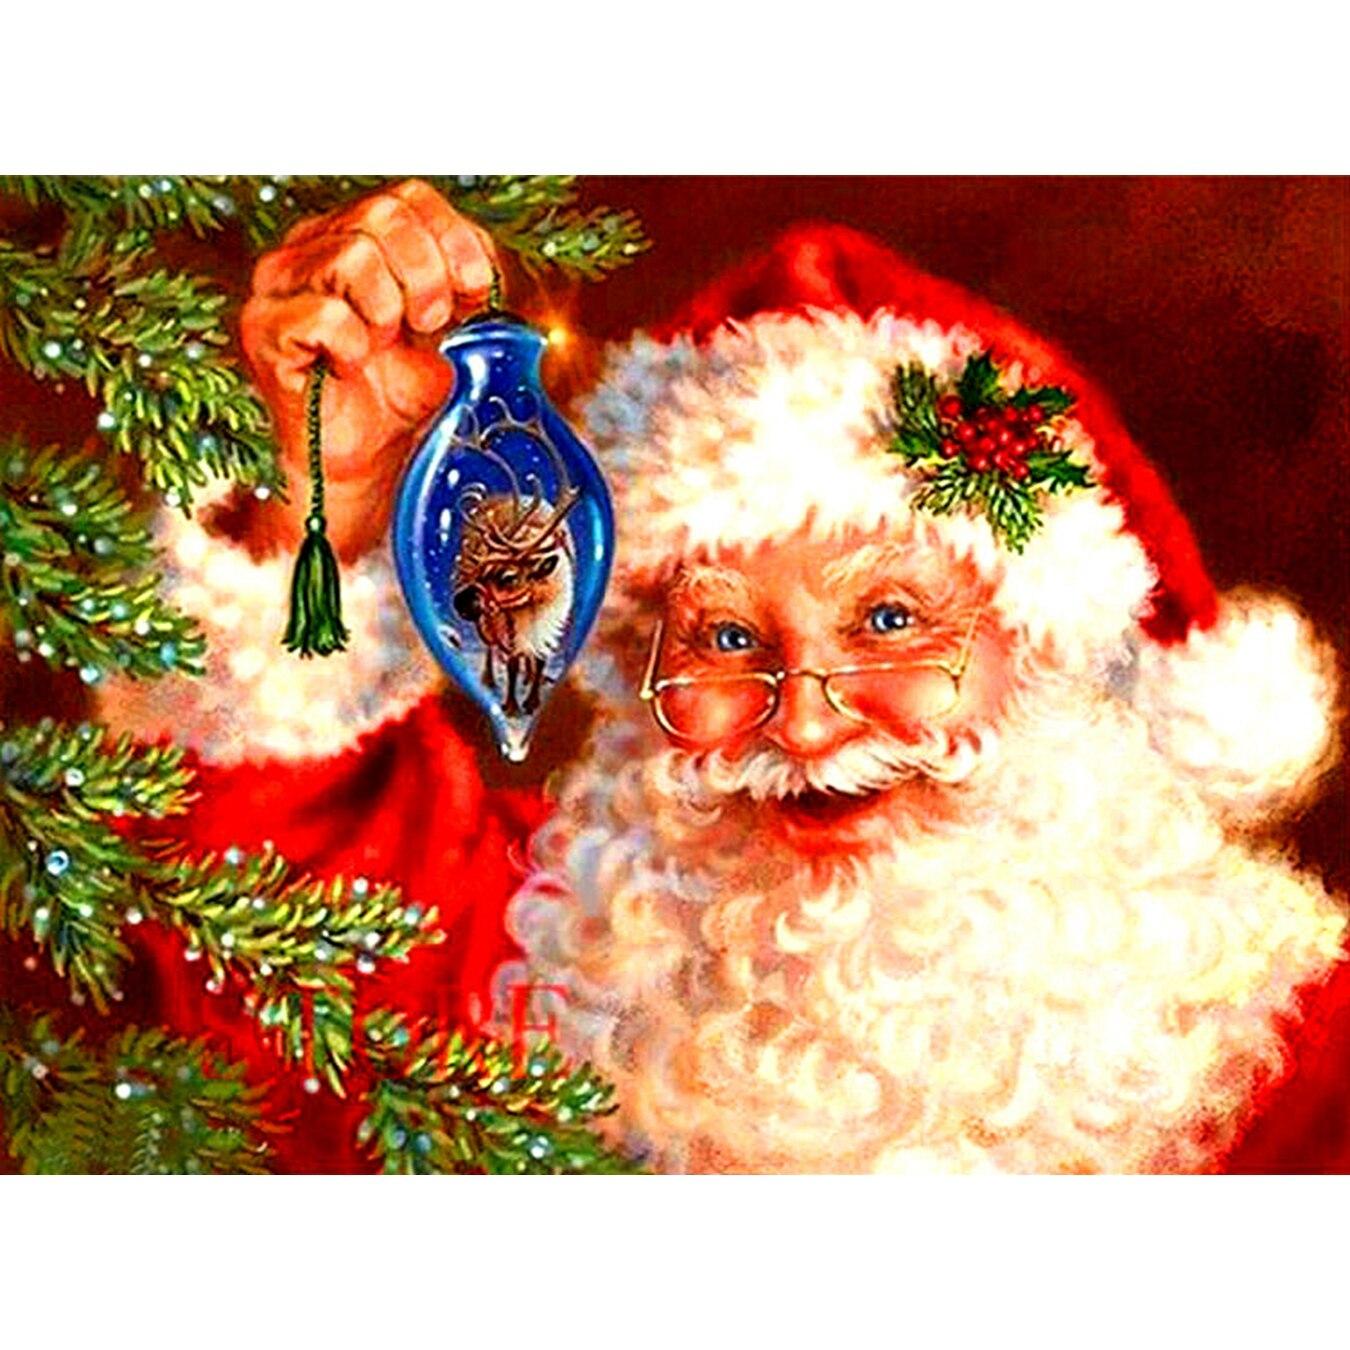 Charmant Vater Weihnachten Malvorlagen Fotos - Malvorlagen Von ...